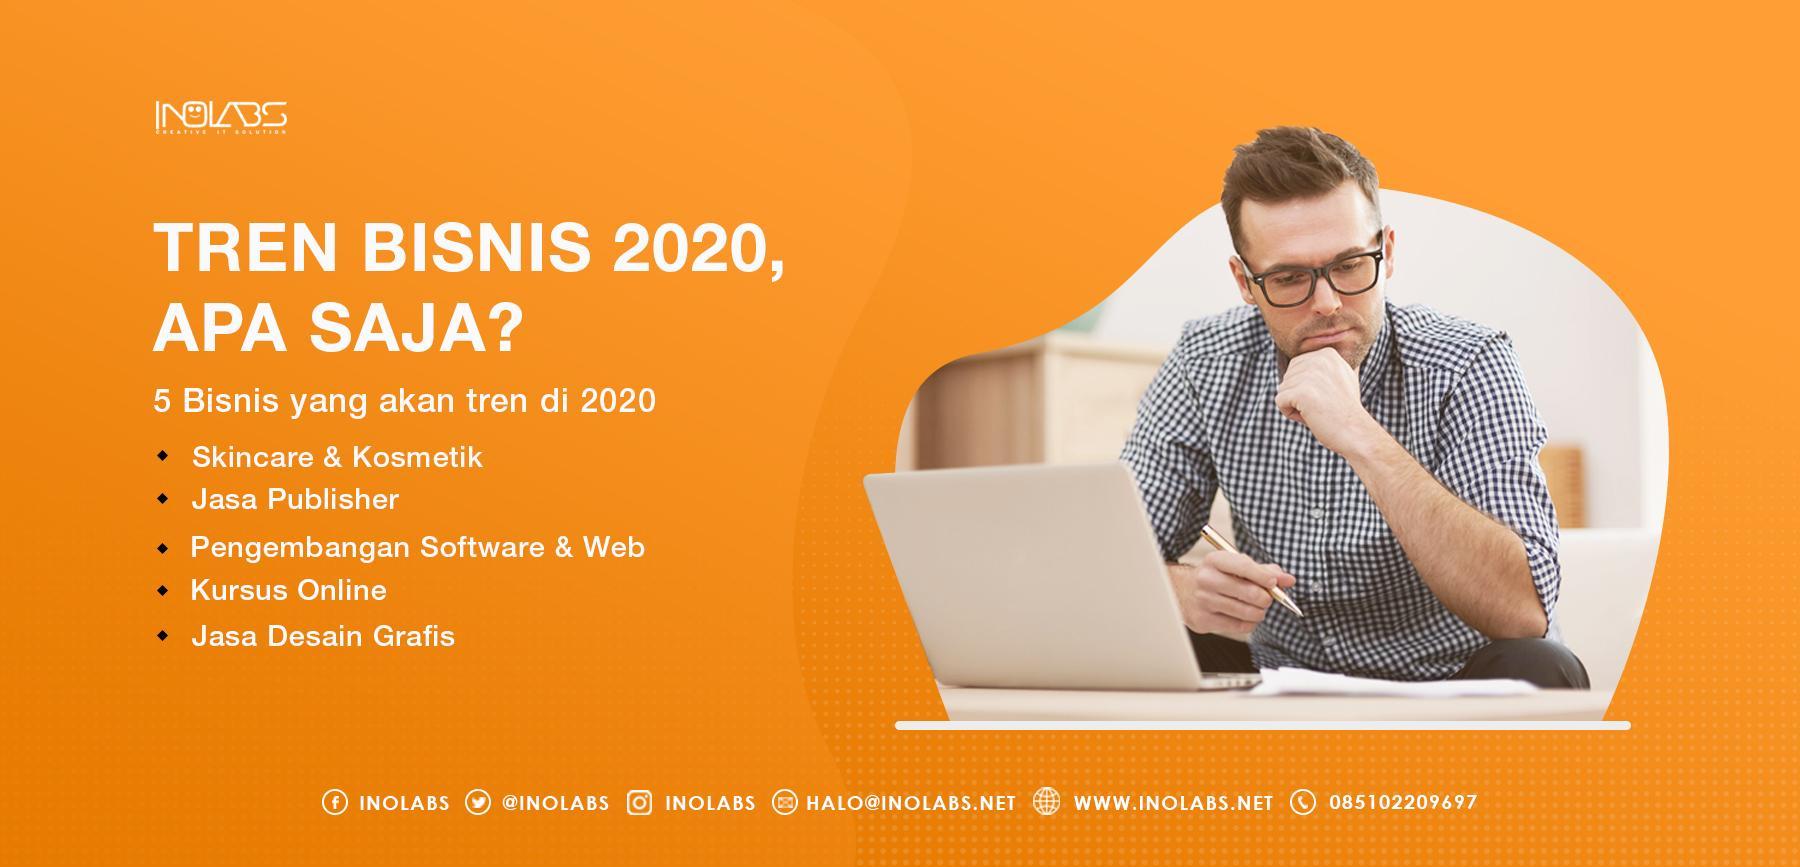 Tren Bisnis 2020